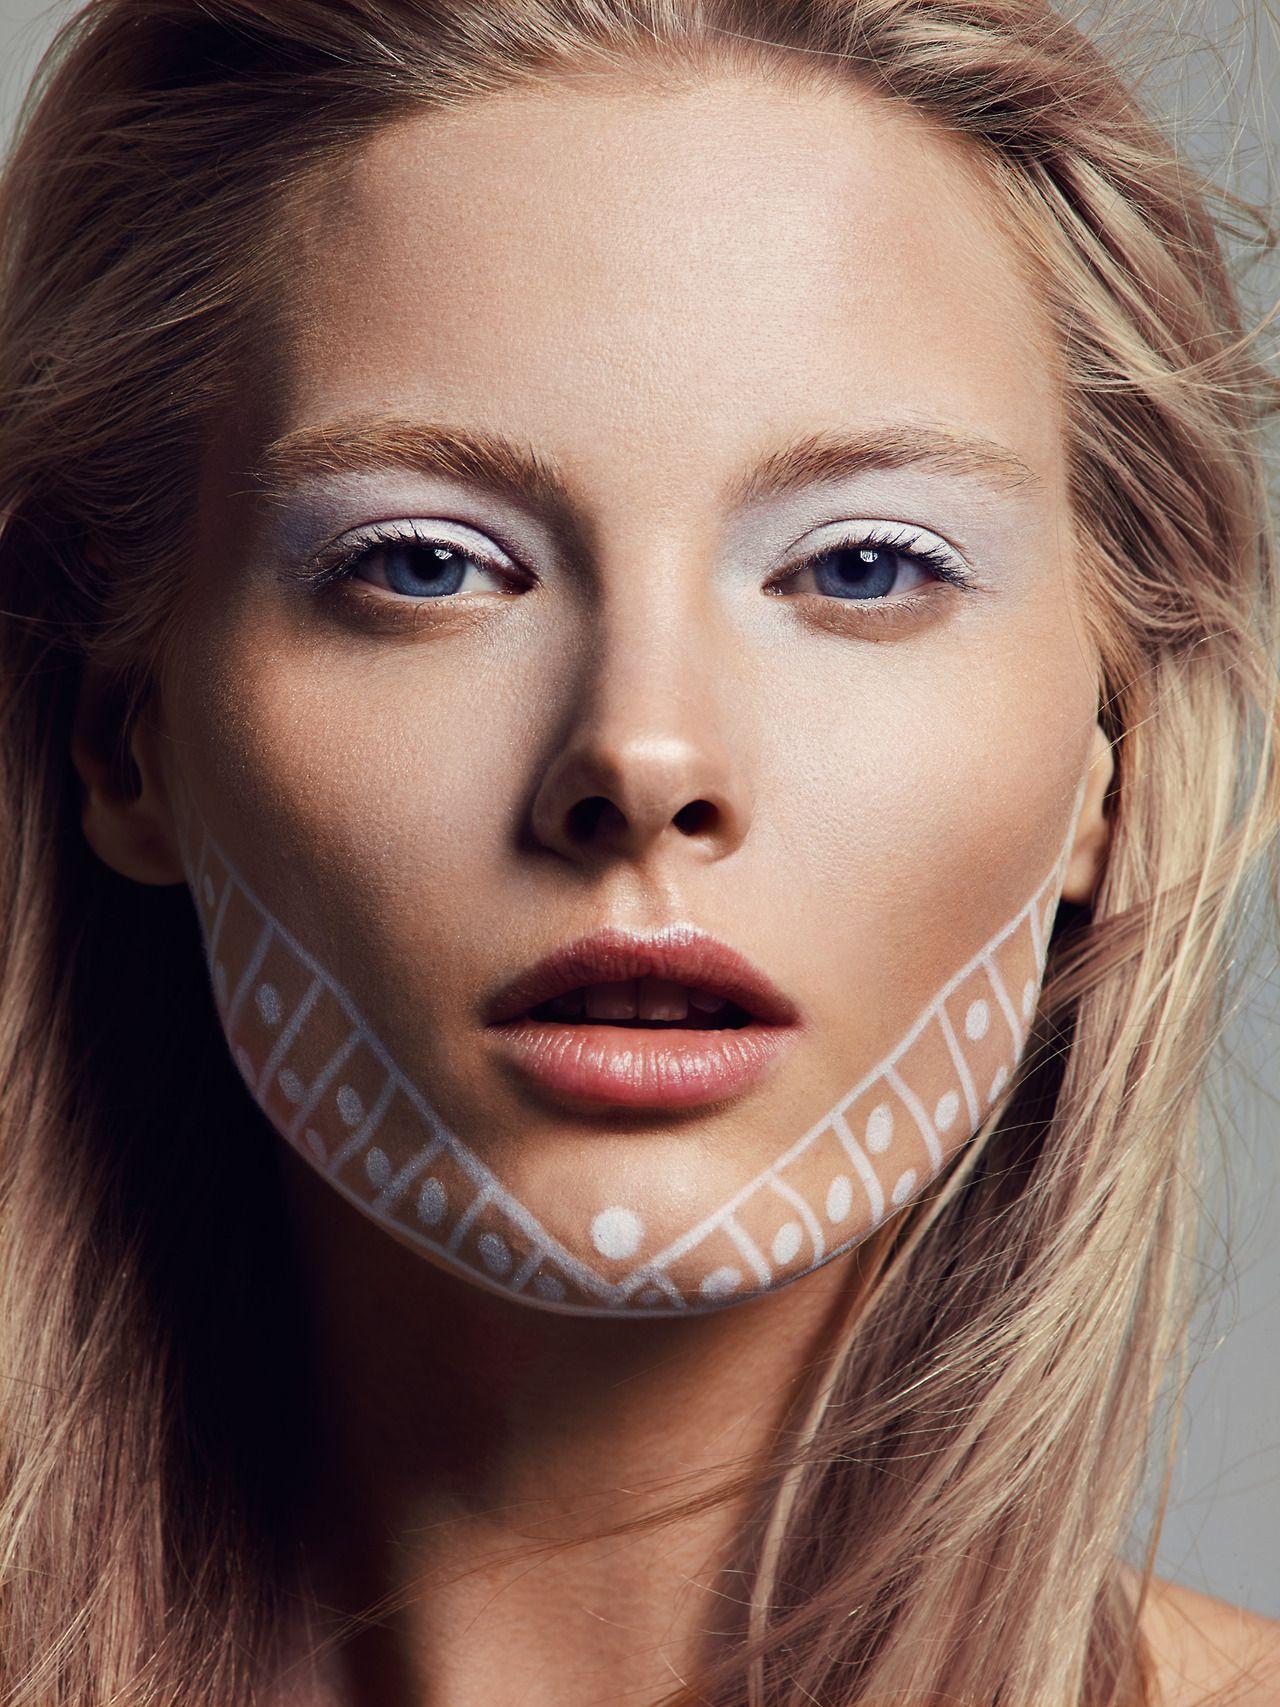 Visagie Mo Karadag // leuk hoe er gespeeld is met lichte tinten en de nadruk op de makeup //